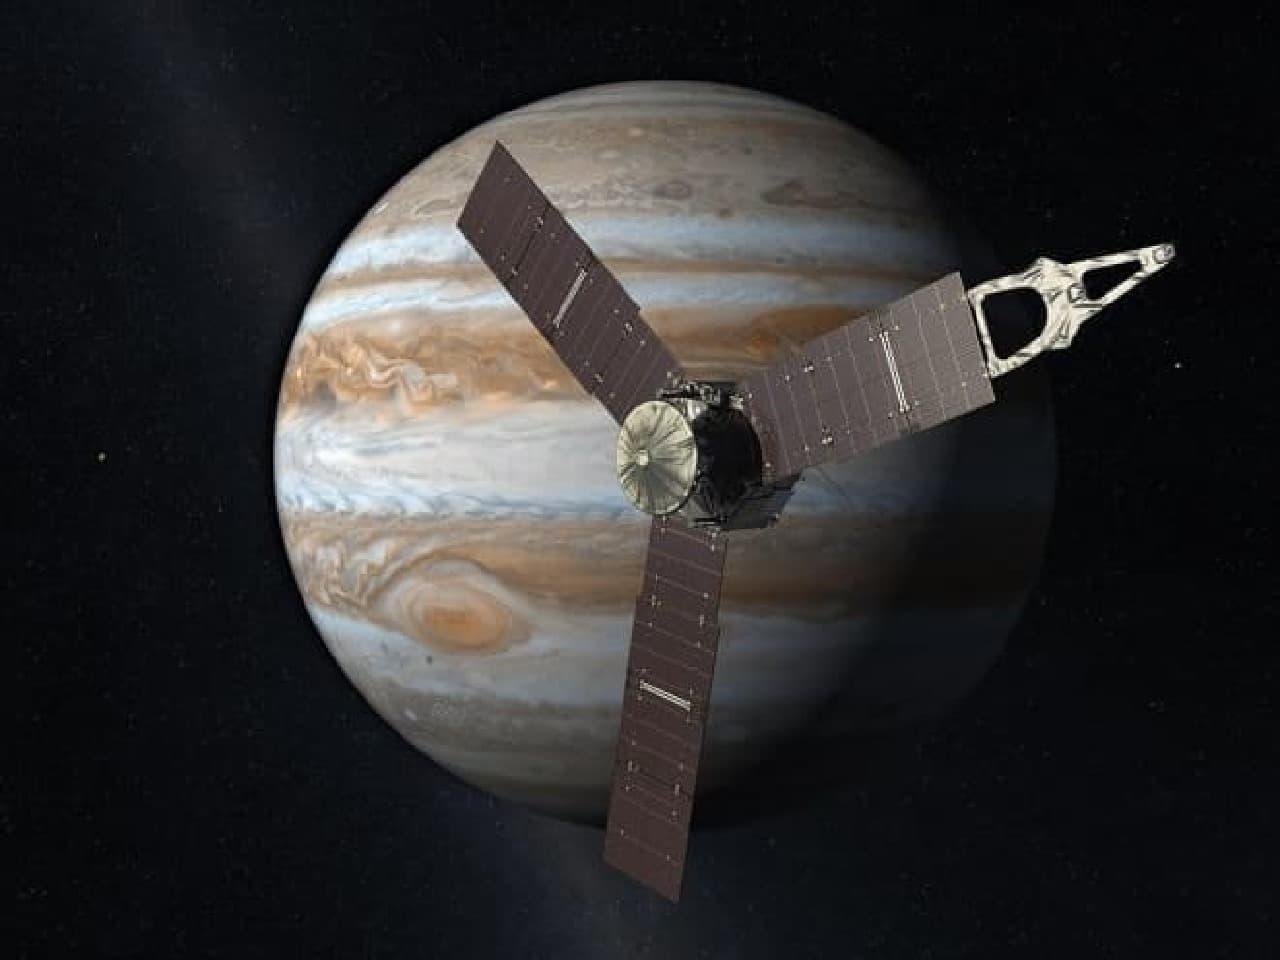 木星に到達するジュノーの想像図